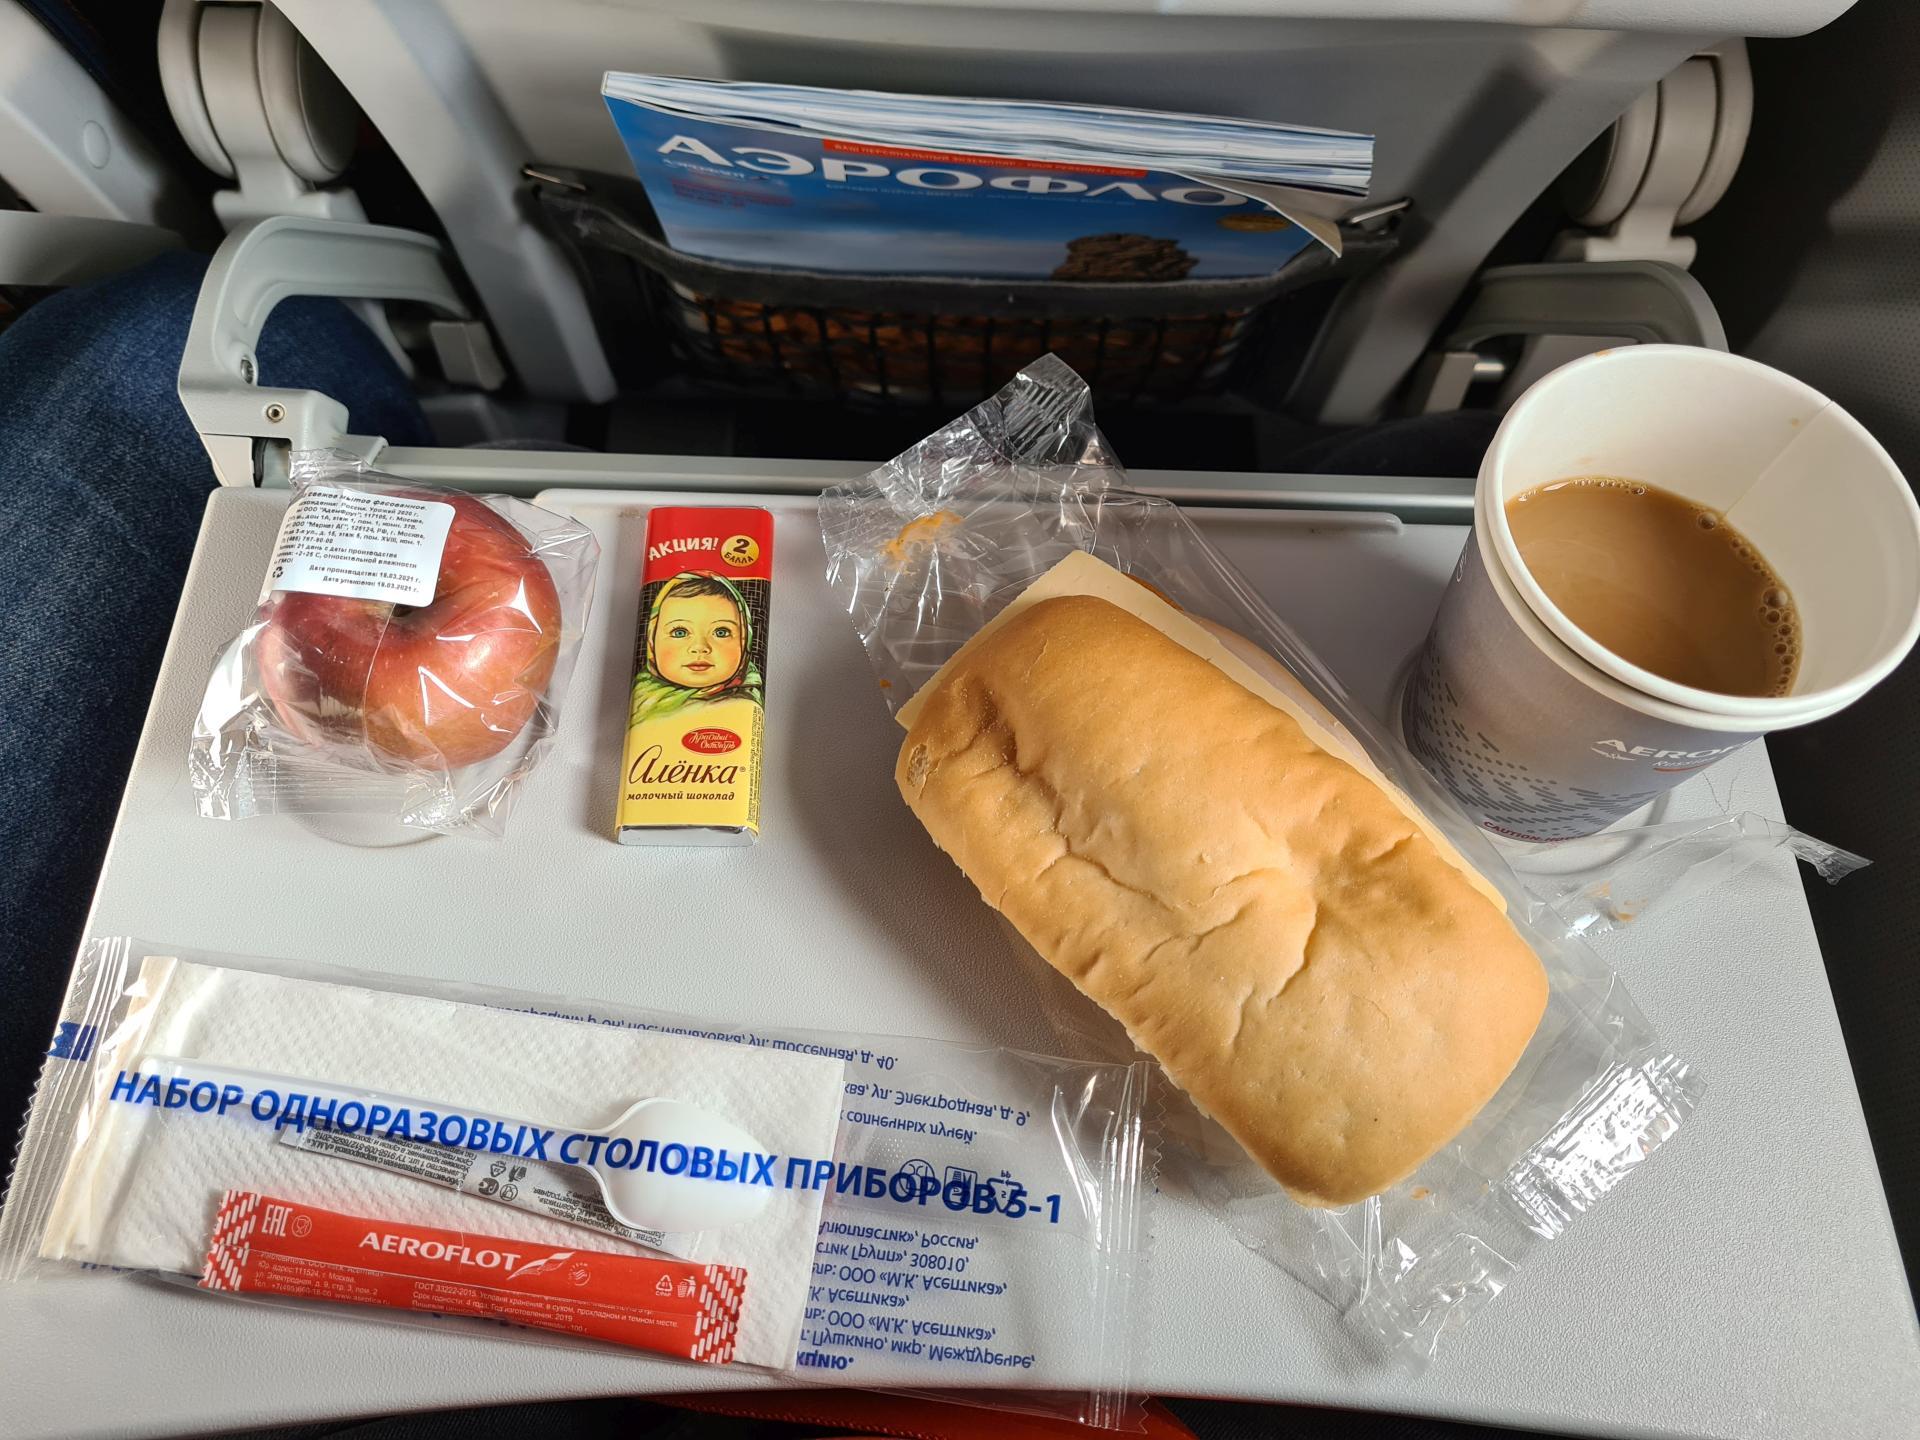 еда на внутреннем рейсе Аэрофлота